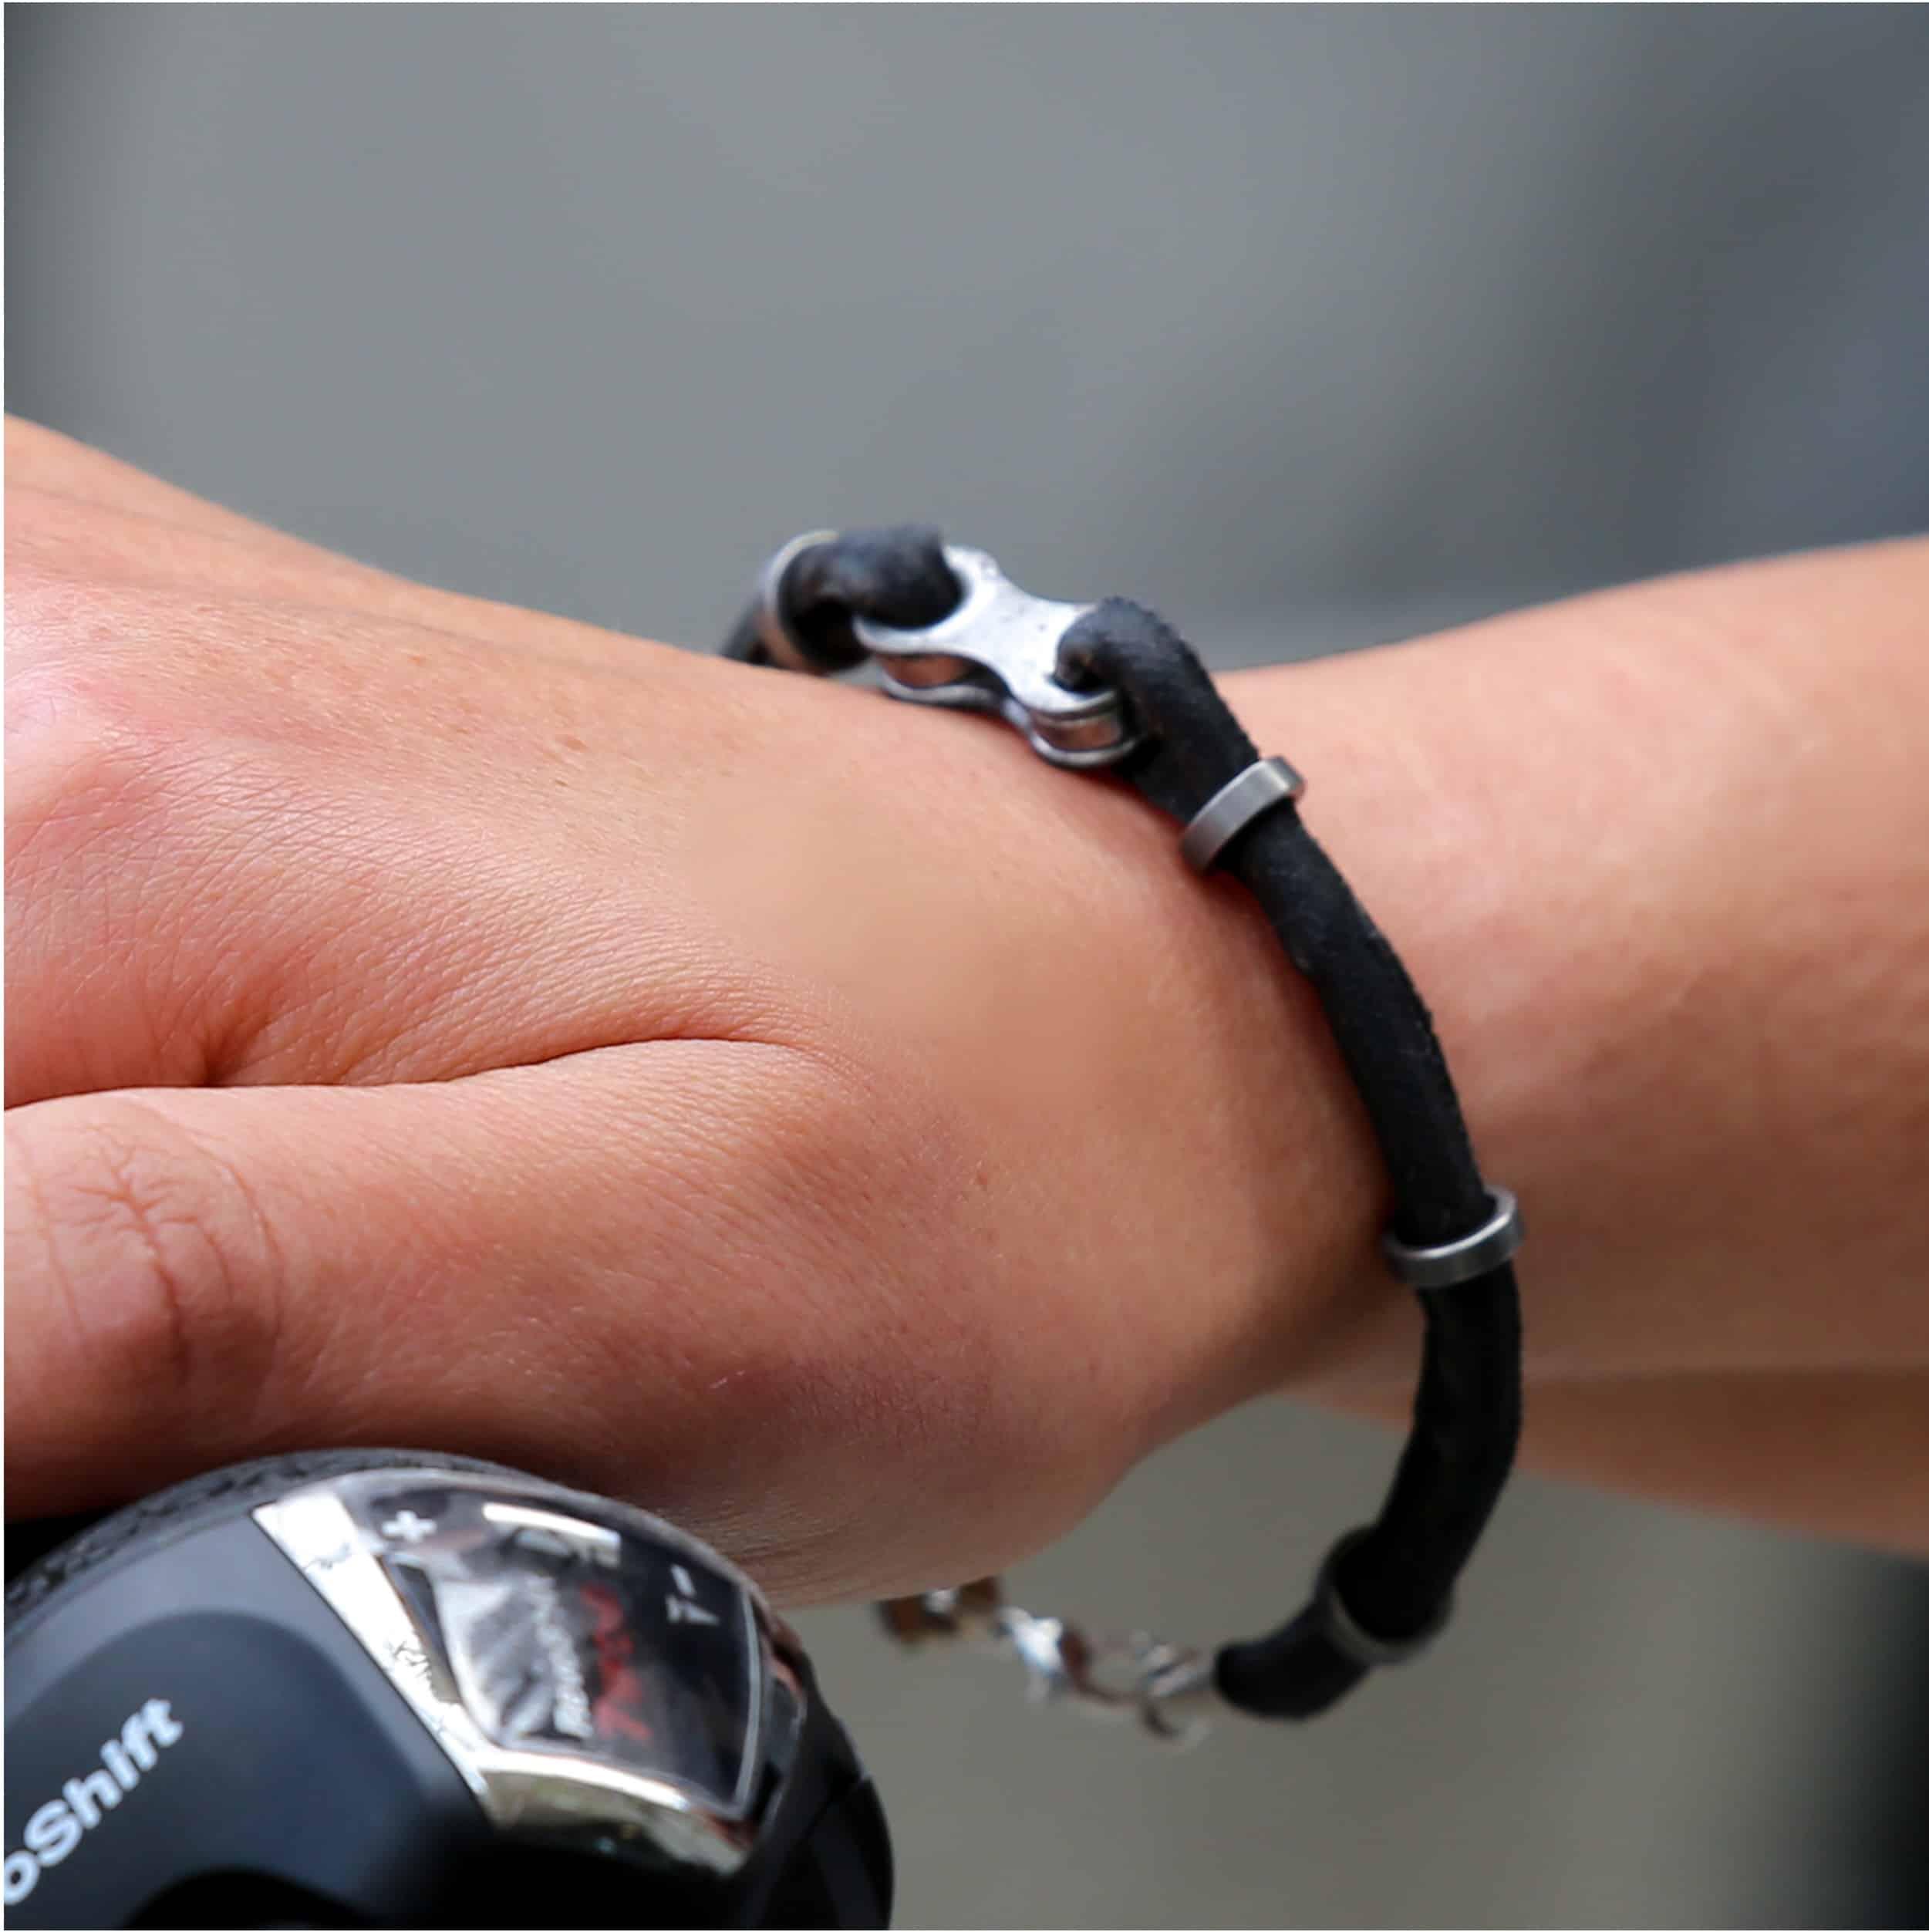 riciclare-bici-braccialetto